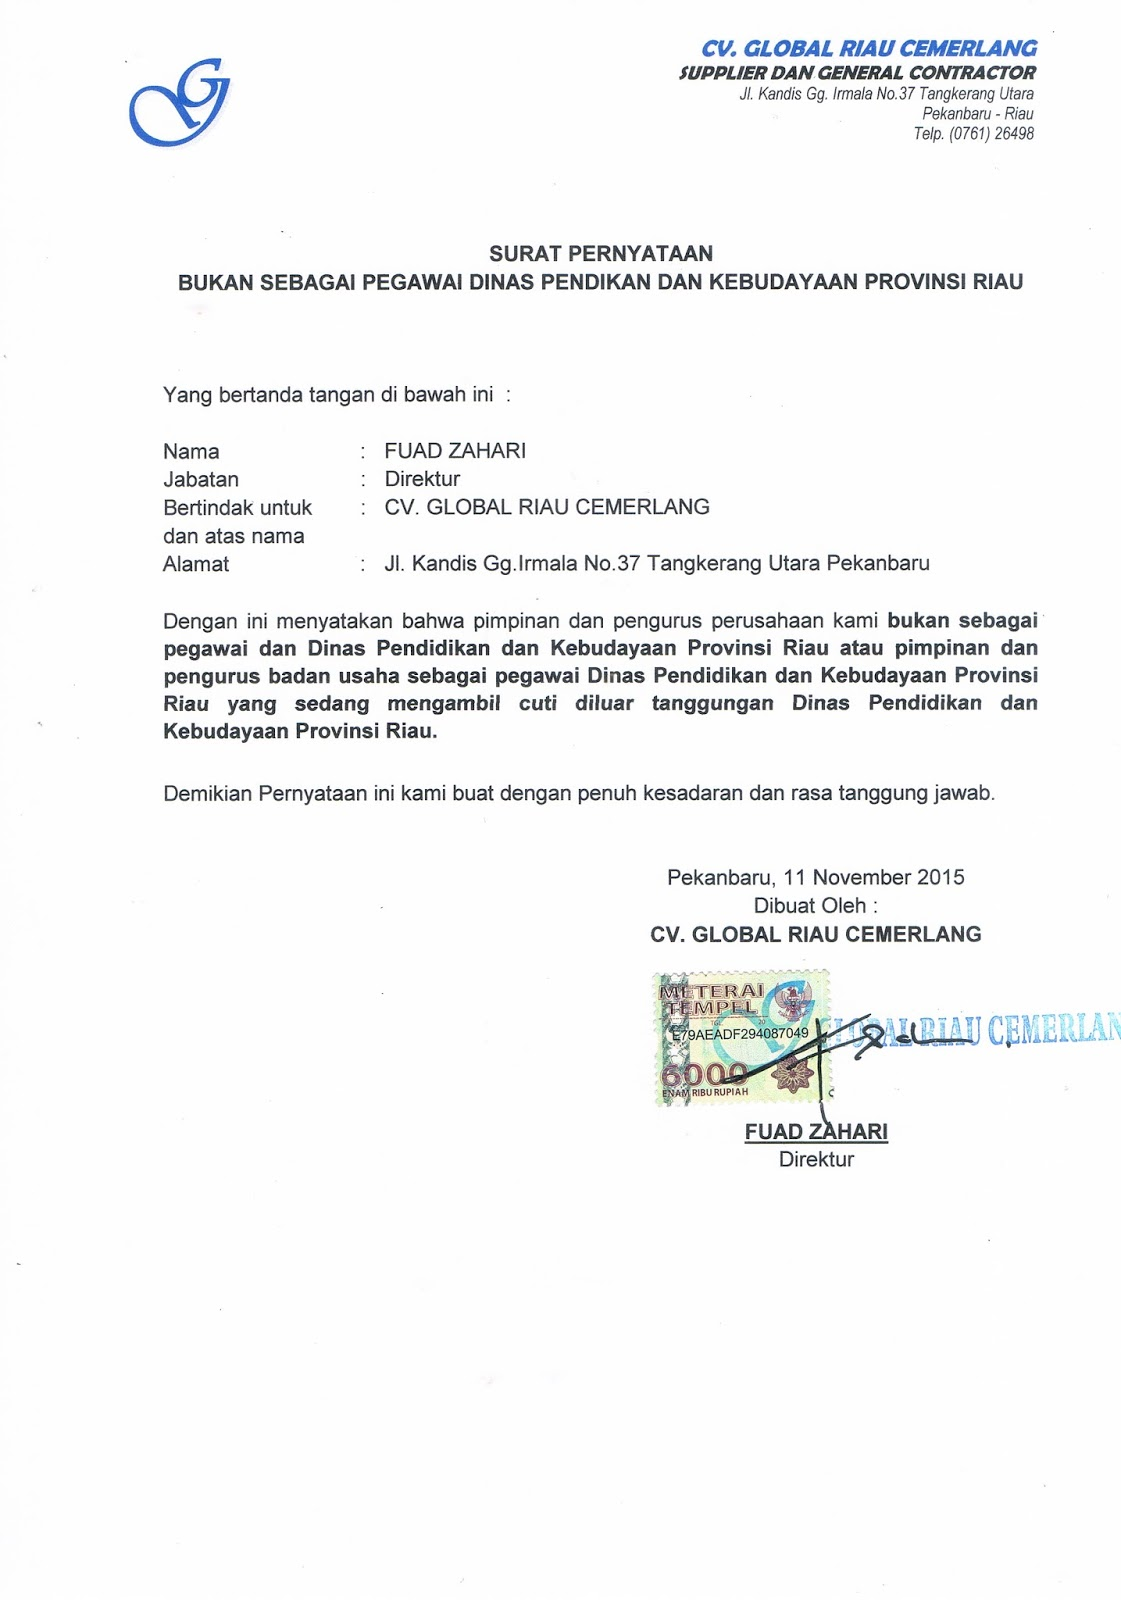 Contoh Surat Pernyataan Nihil Pajak Badan Download Gambar Online